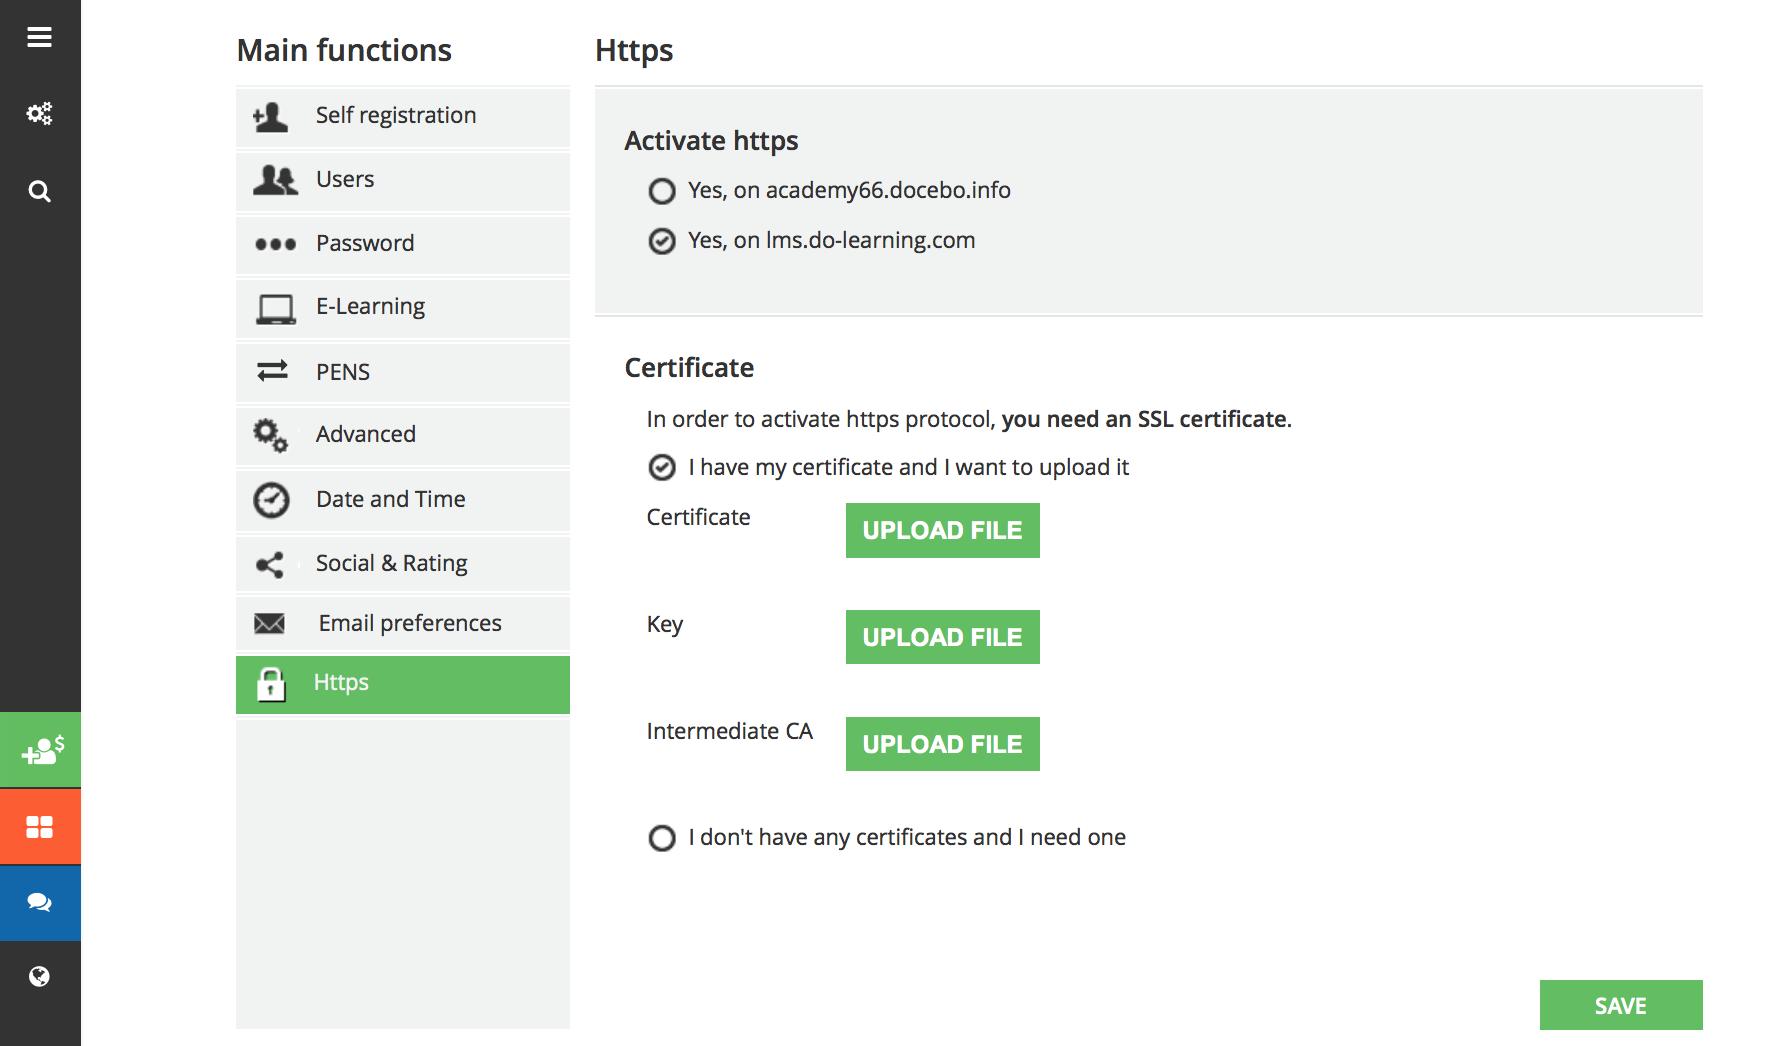 https certificate